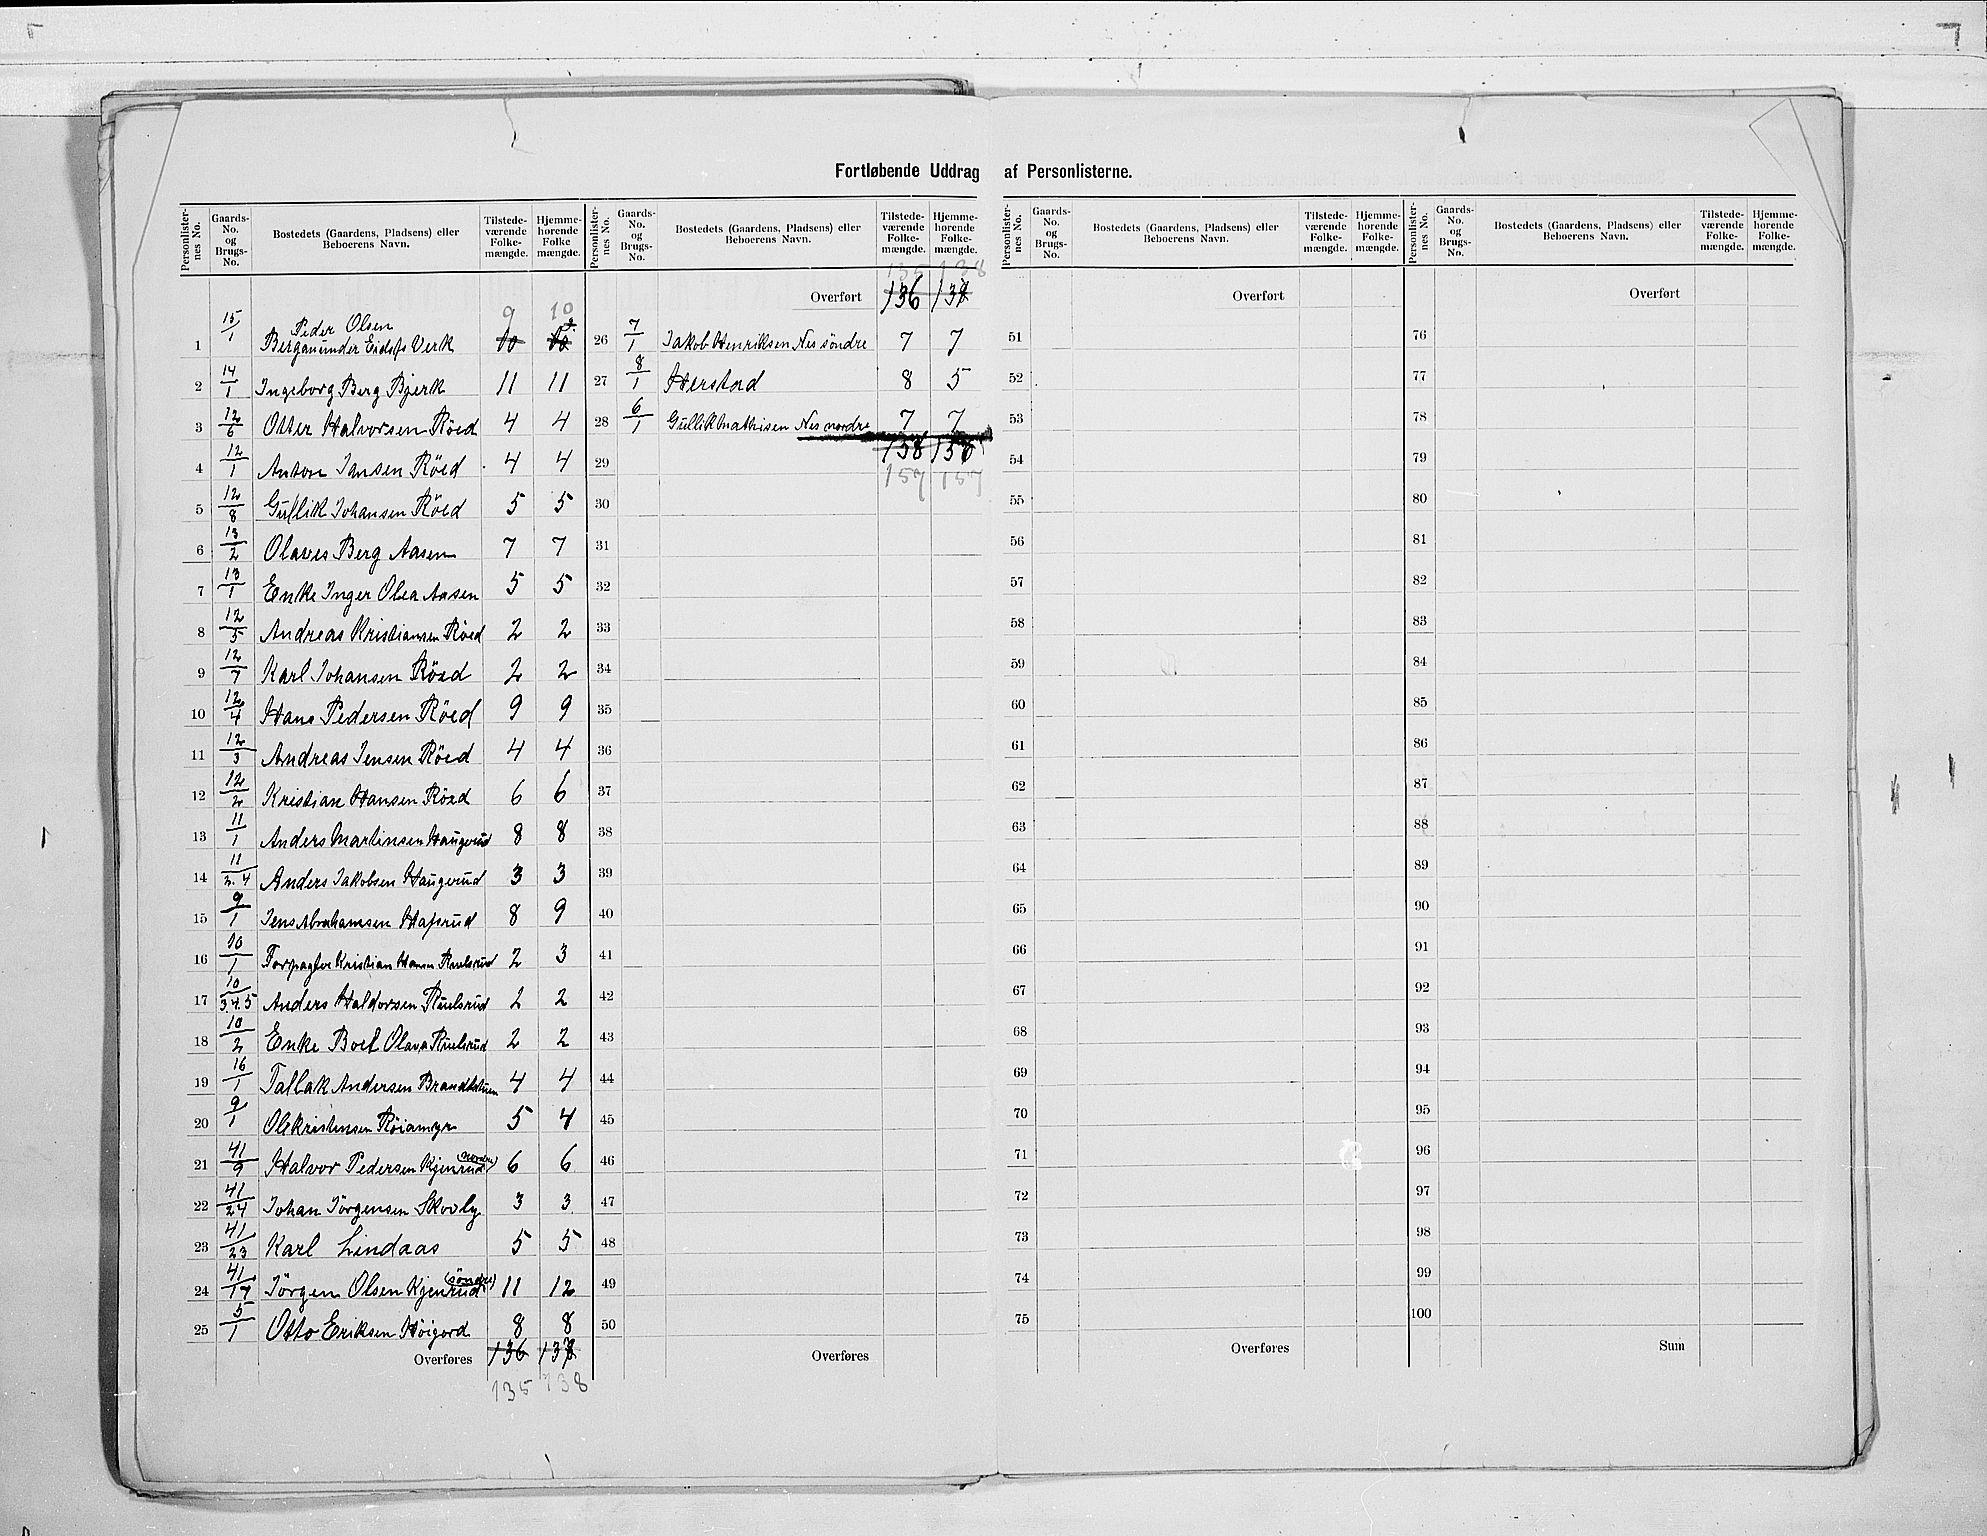 RA, Folketelling 1900 for 0714 Hof herred, 1900, s. 9